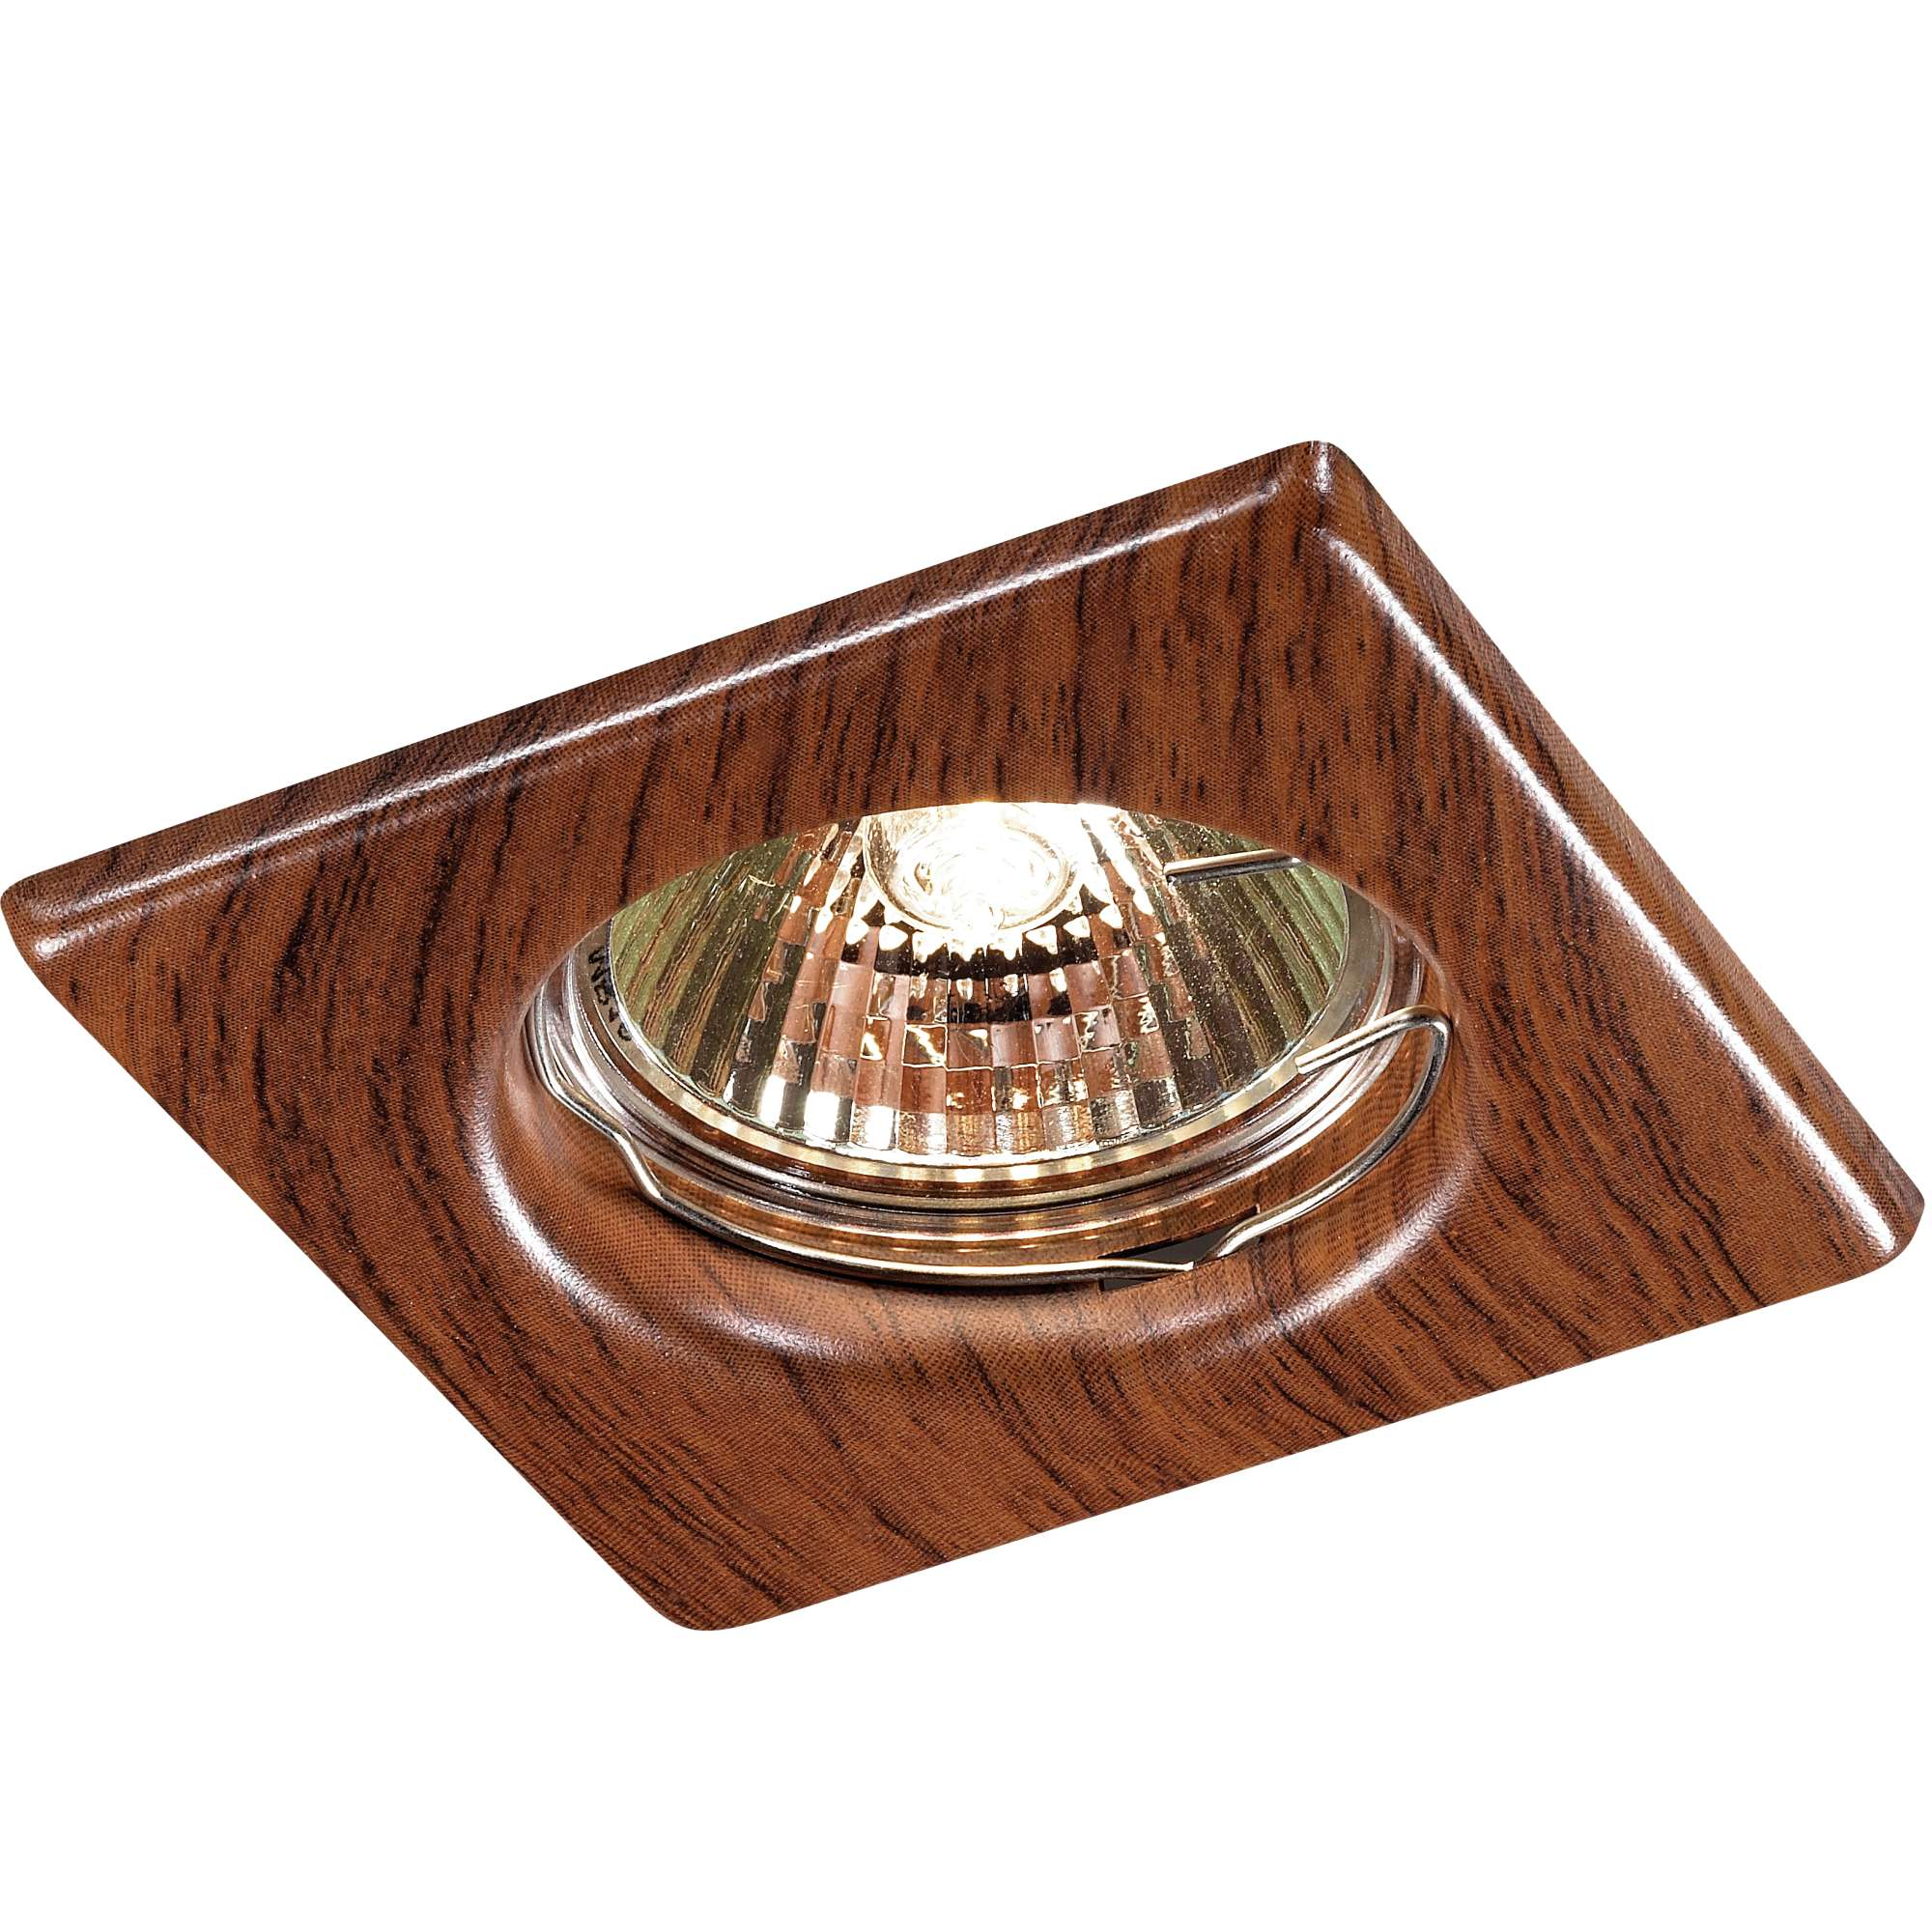 Купить Светильник встраиваемый Novotech Wood nt12 157 369717